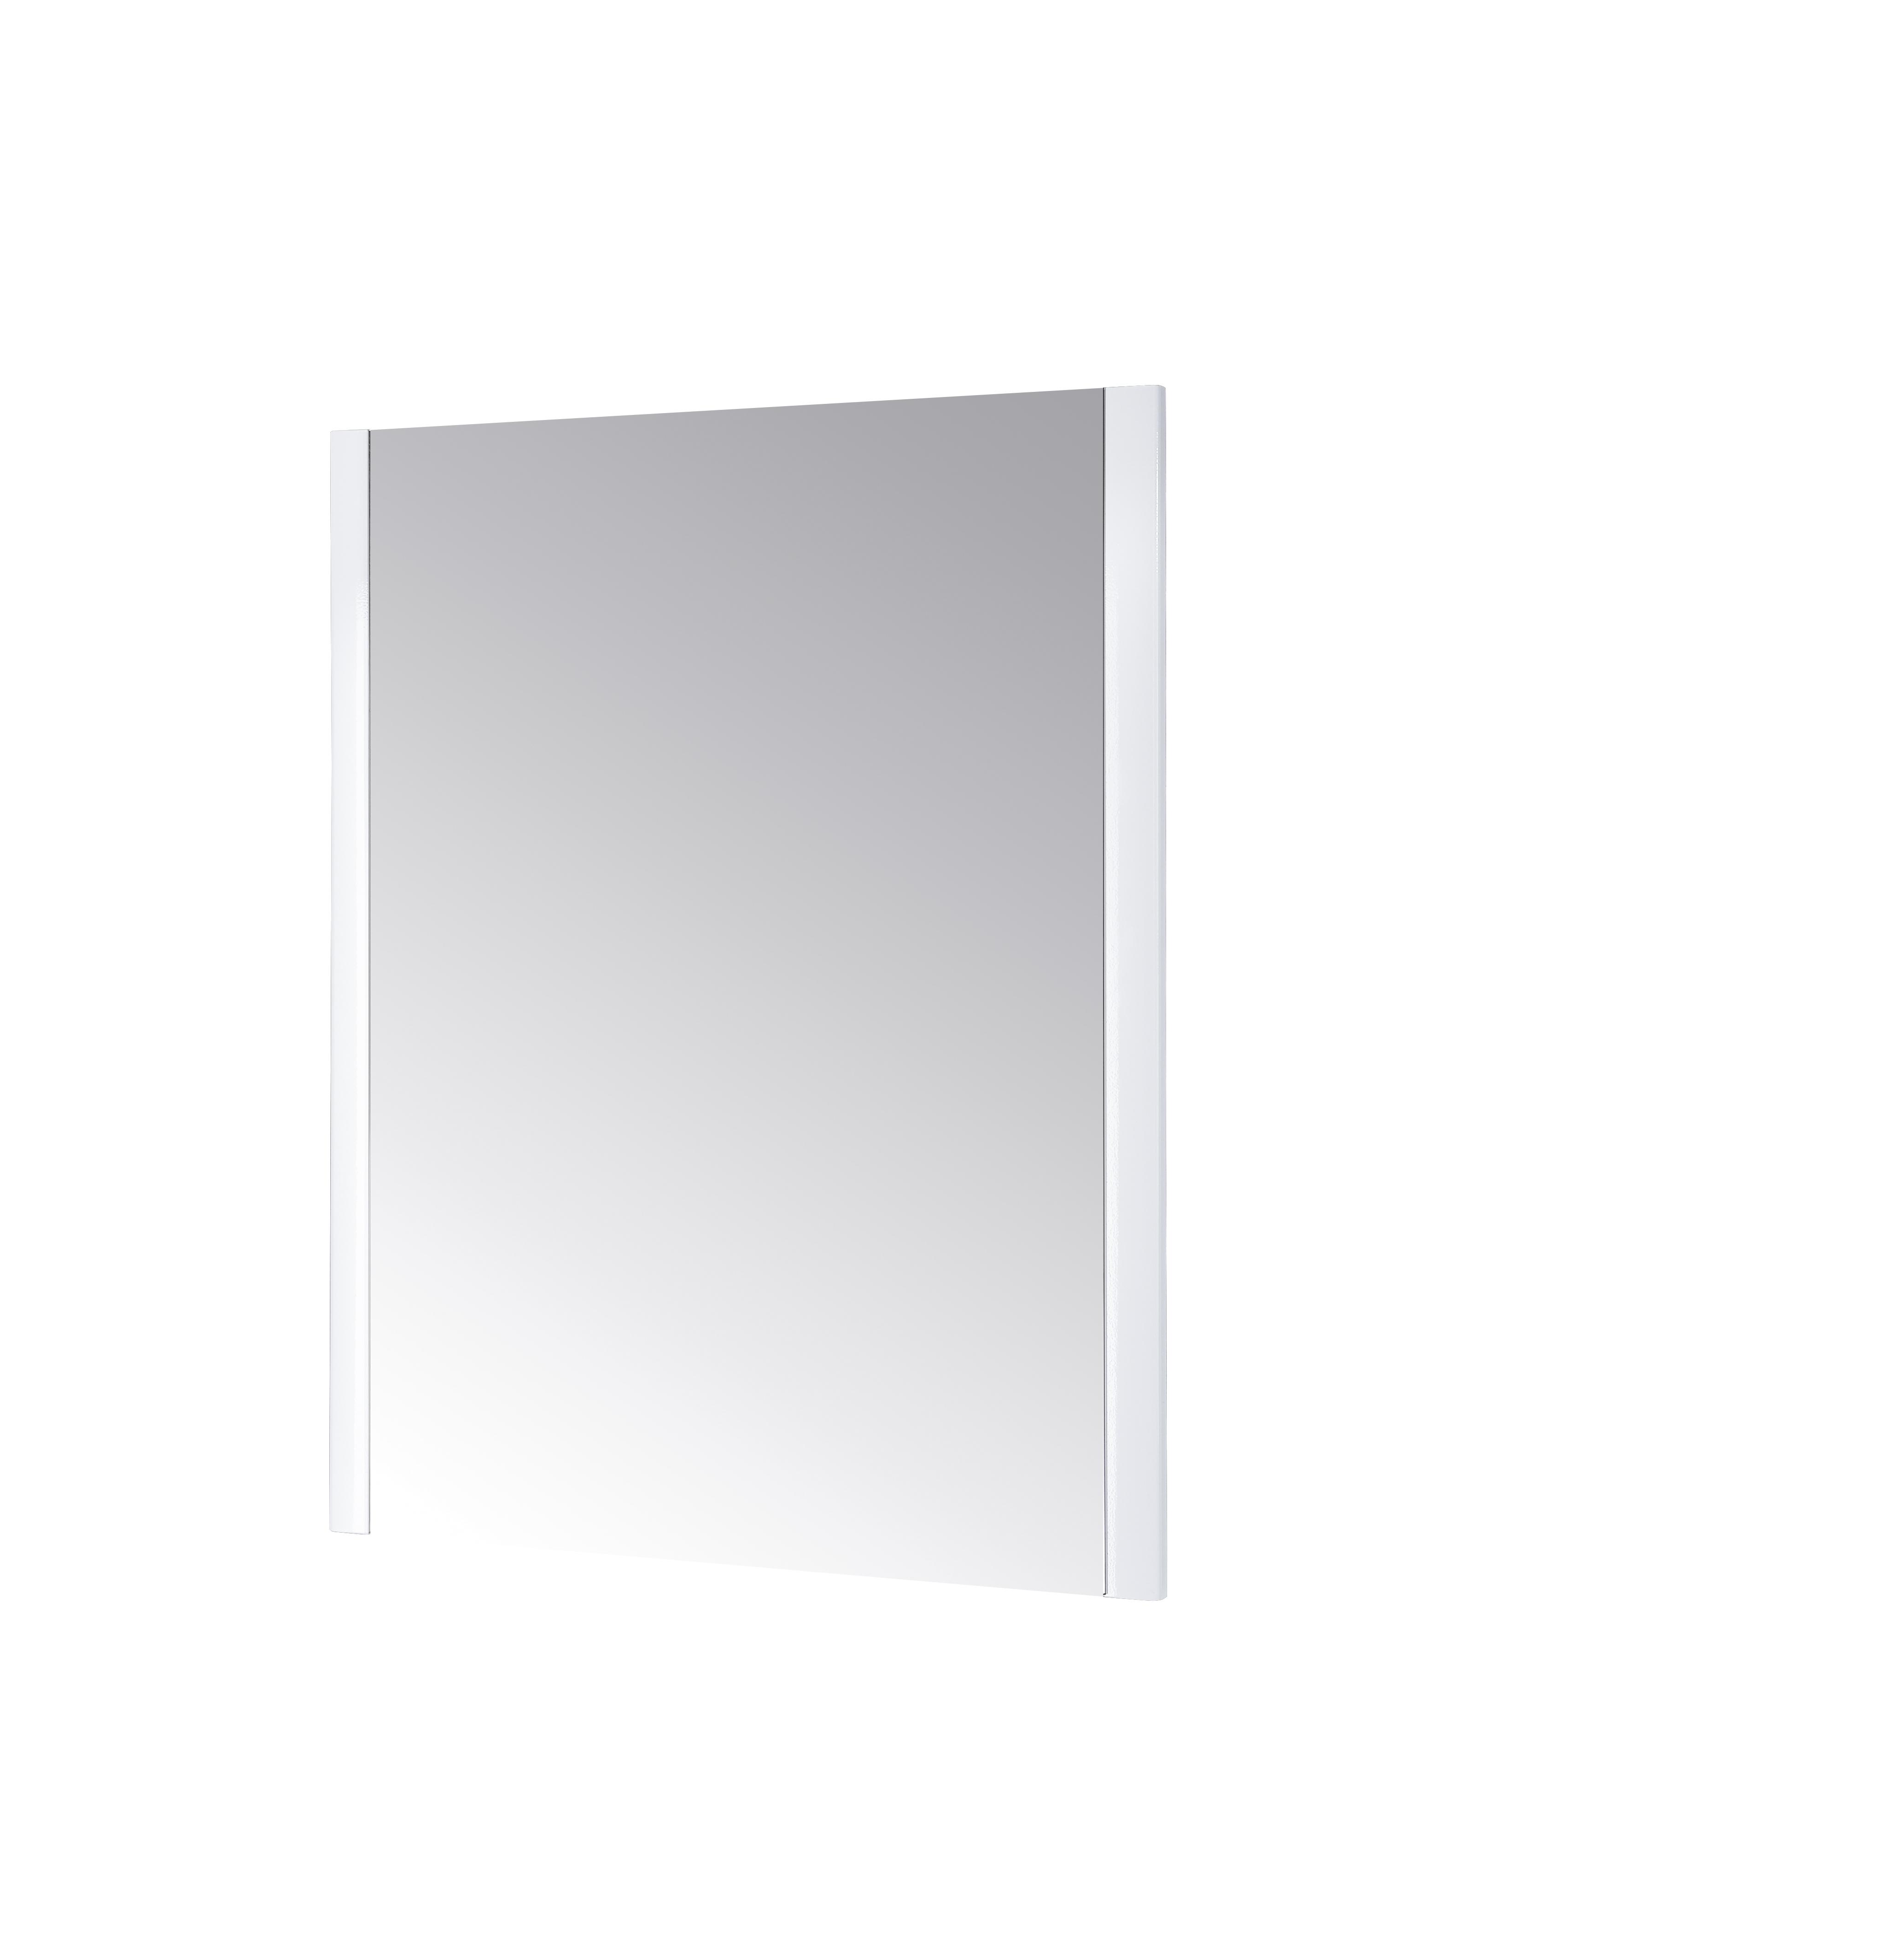 Зеркало DrejaЗеркала<br>Высота: 800, Ширина: 720, Форма зеркала: прямоугольник, Назначение: для ванной, Зеркало в раме: есть, Тип рамы: деревянная, Цвет рамы: белый, Коллекция: wind<br>